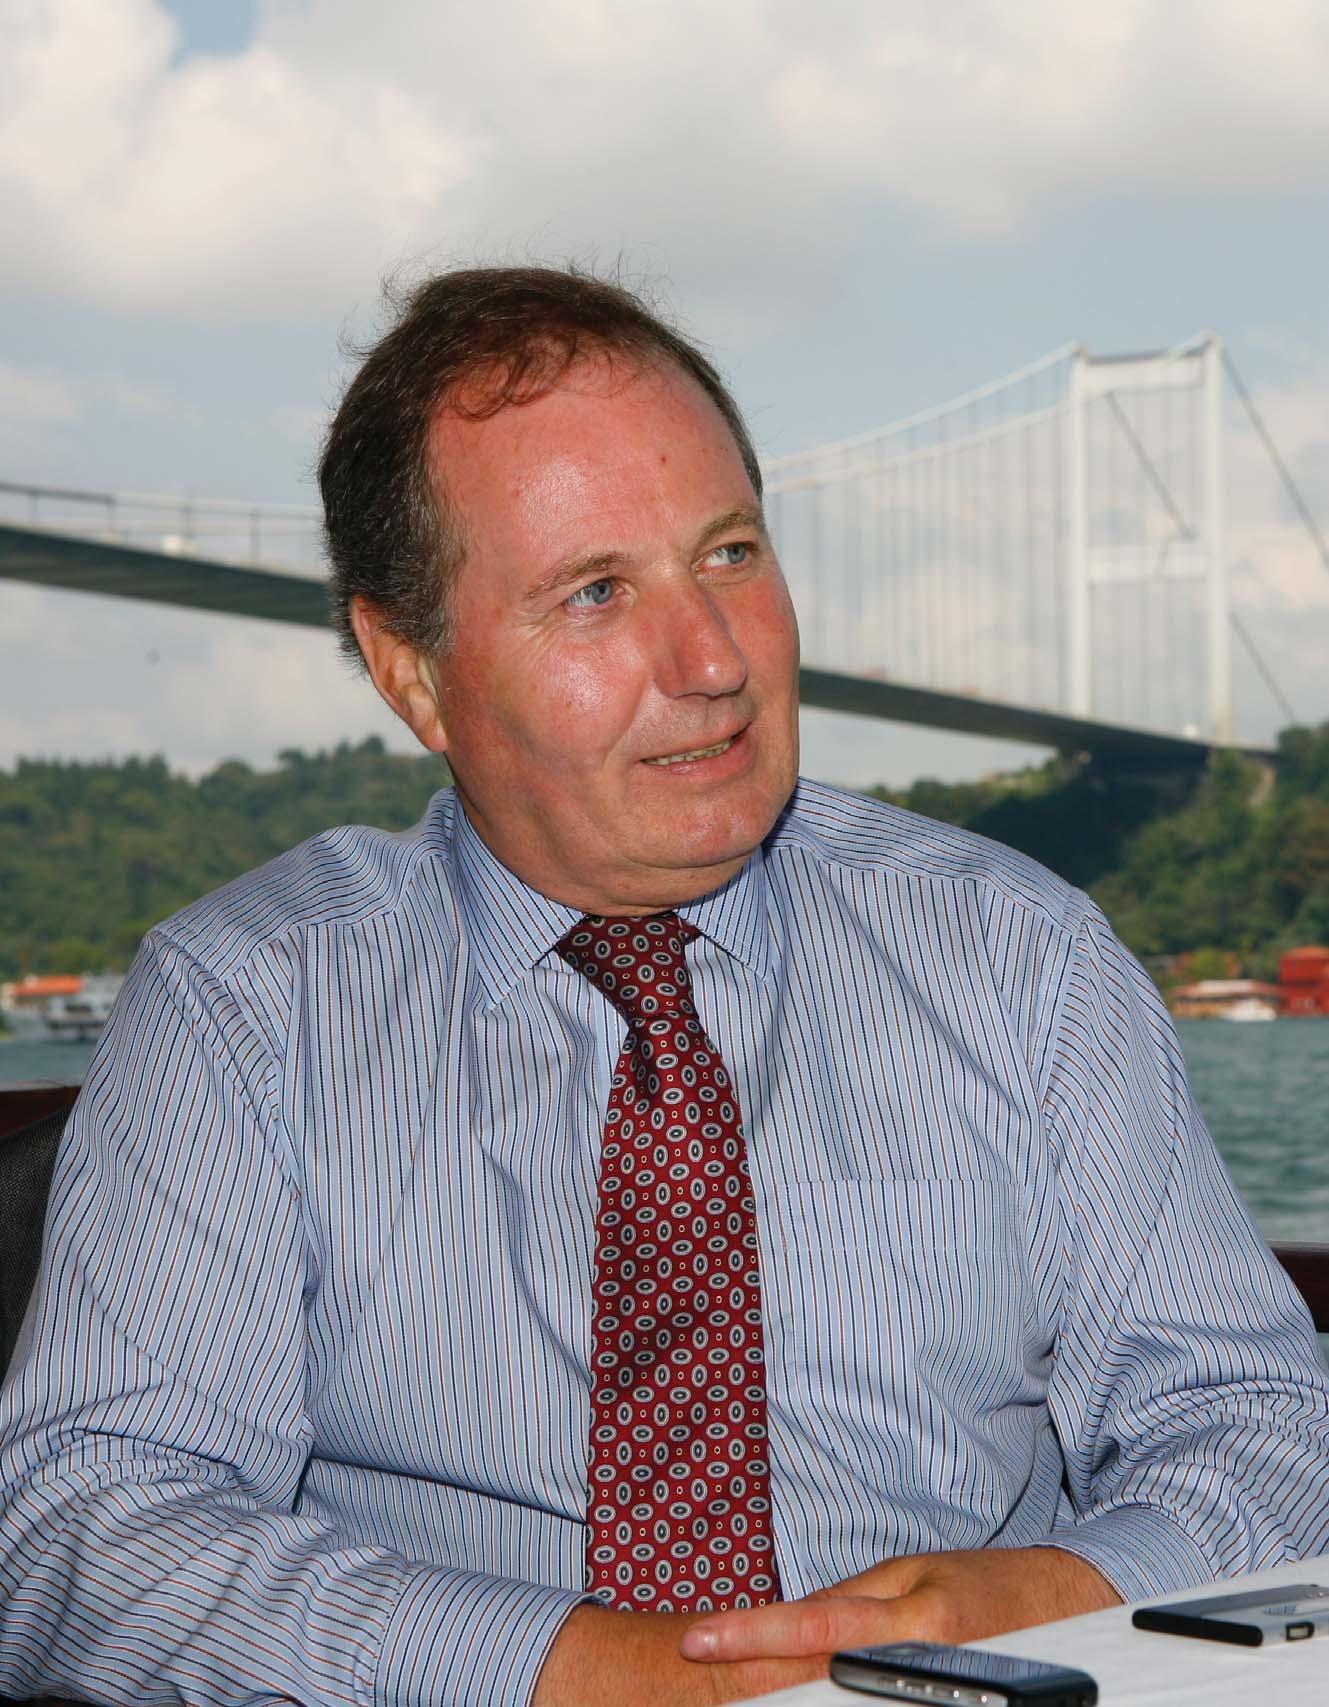 İngiliz Araç Kiralama ve Leasing Birliği (BVRLA) Başkanı John Lewis